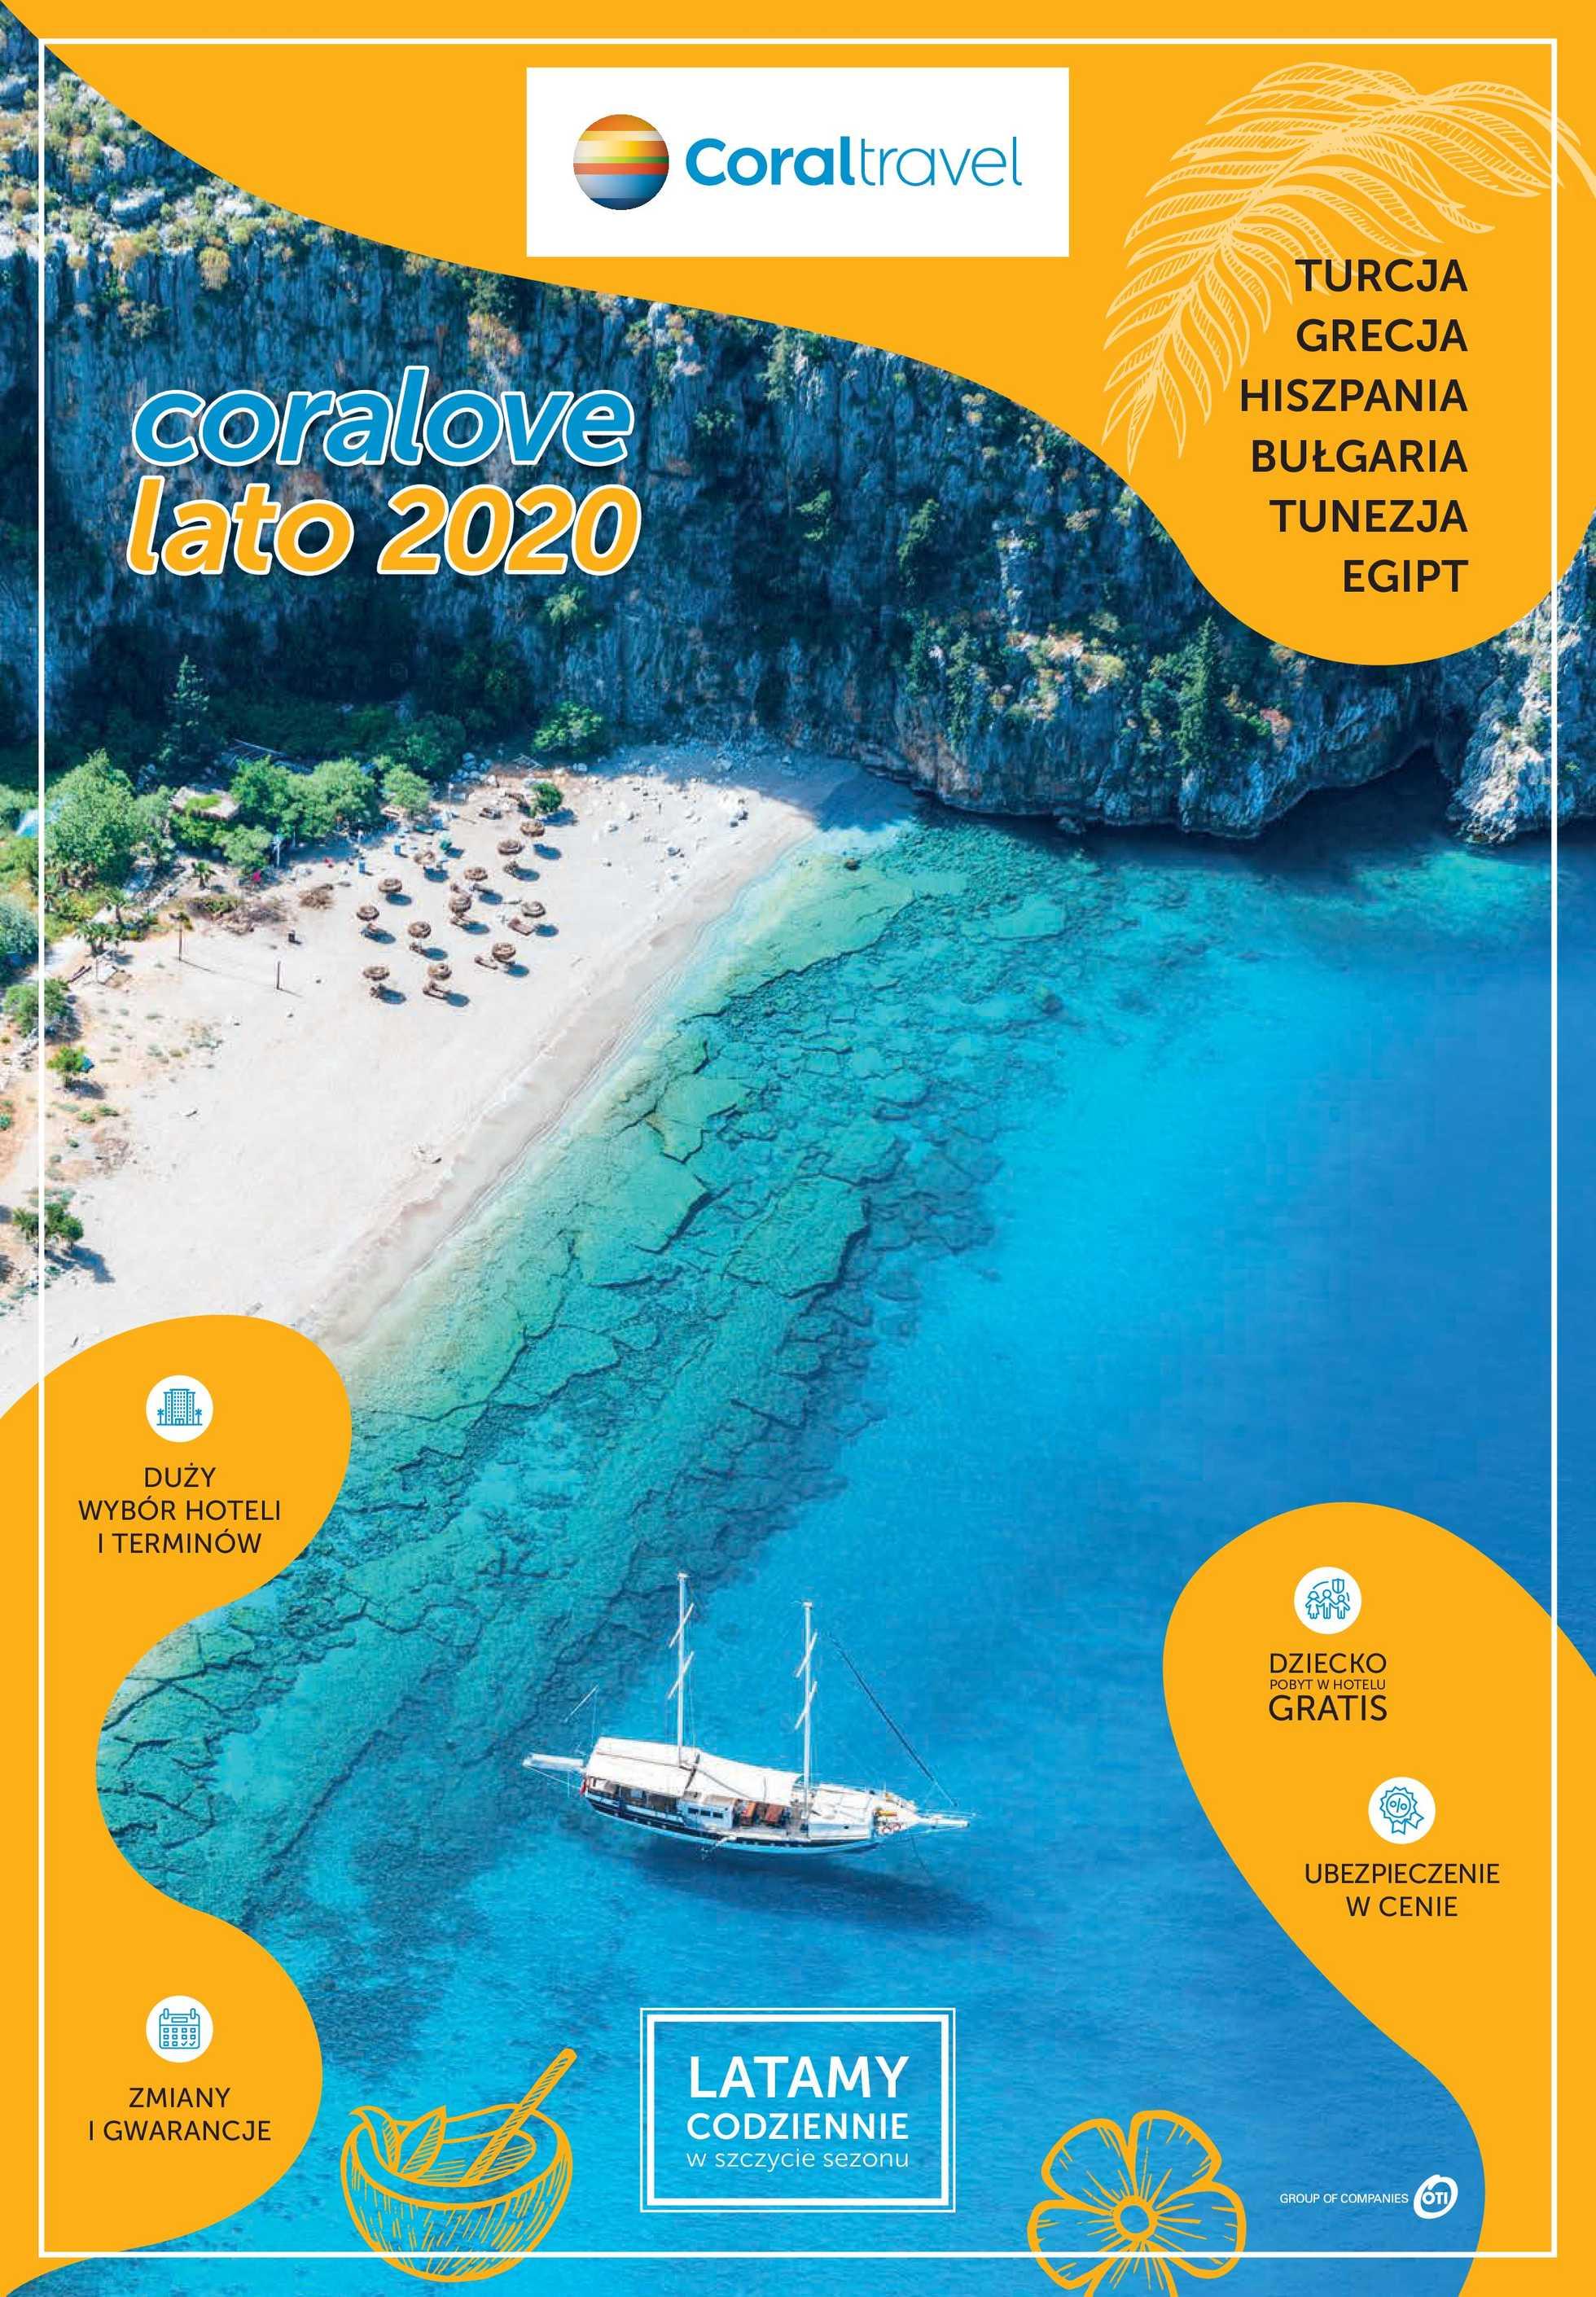 Coral Travel - gazetka promocyjna ważna od 14.11.2019 do 31.03.2020 - strona 1.